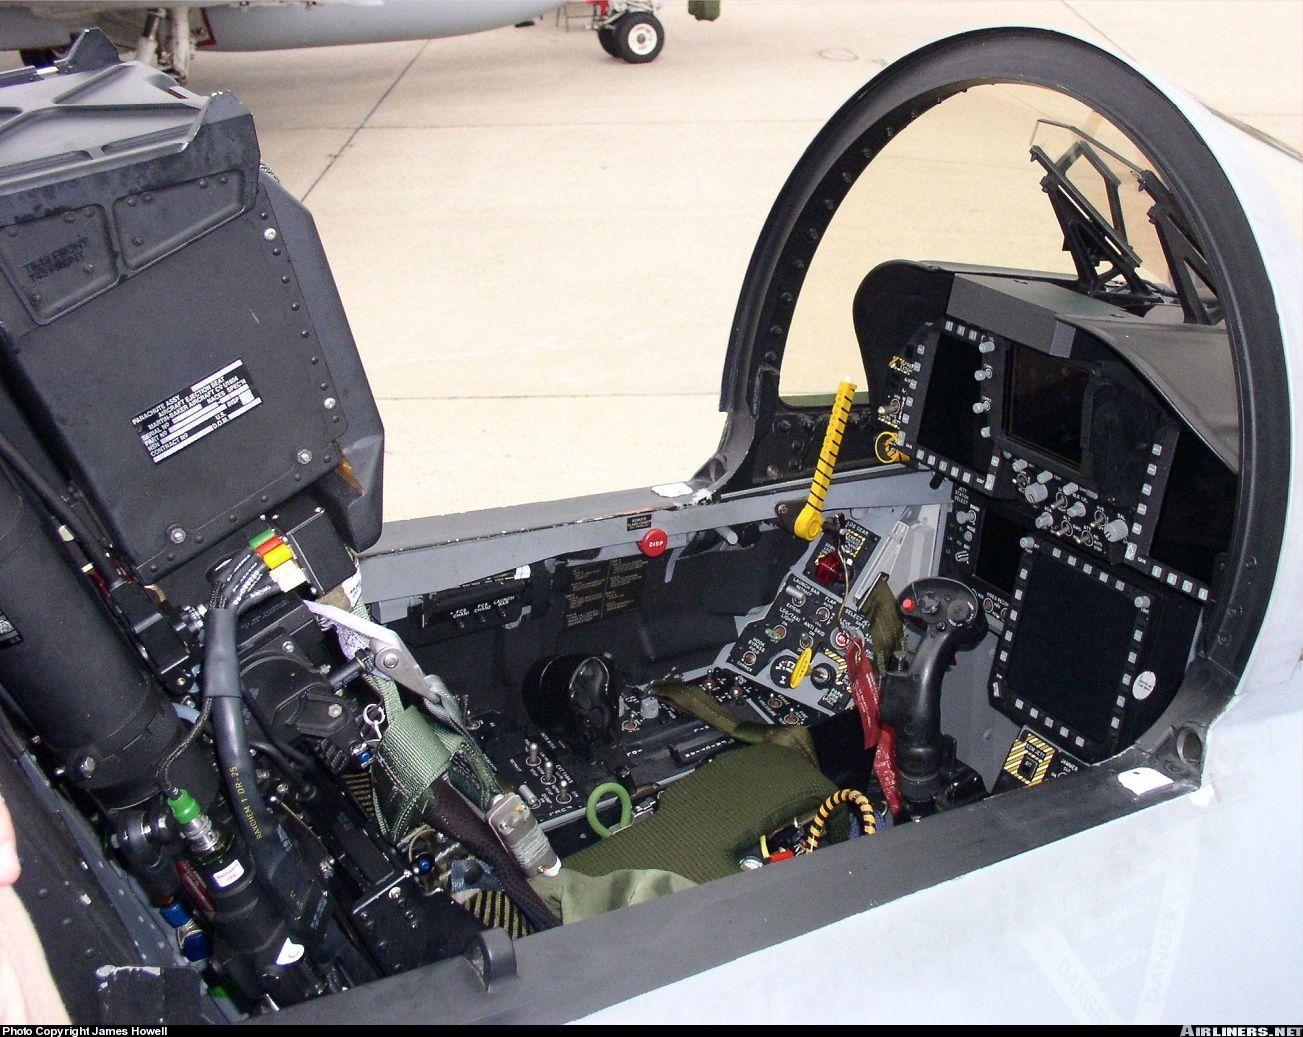 F/A-18 Super Hornet Front Cockpit | Jet Attack / Fighter ...